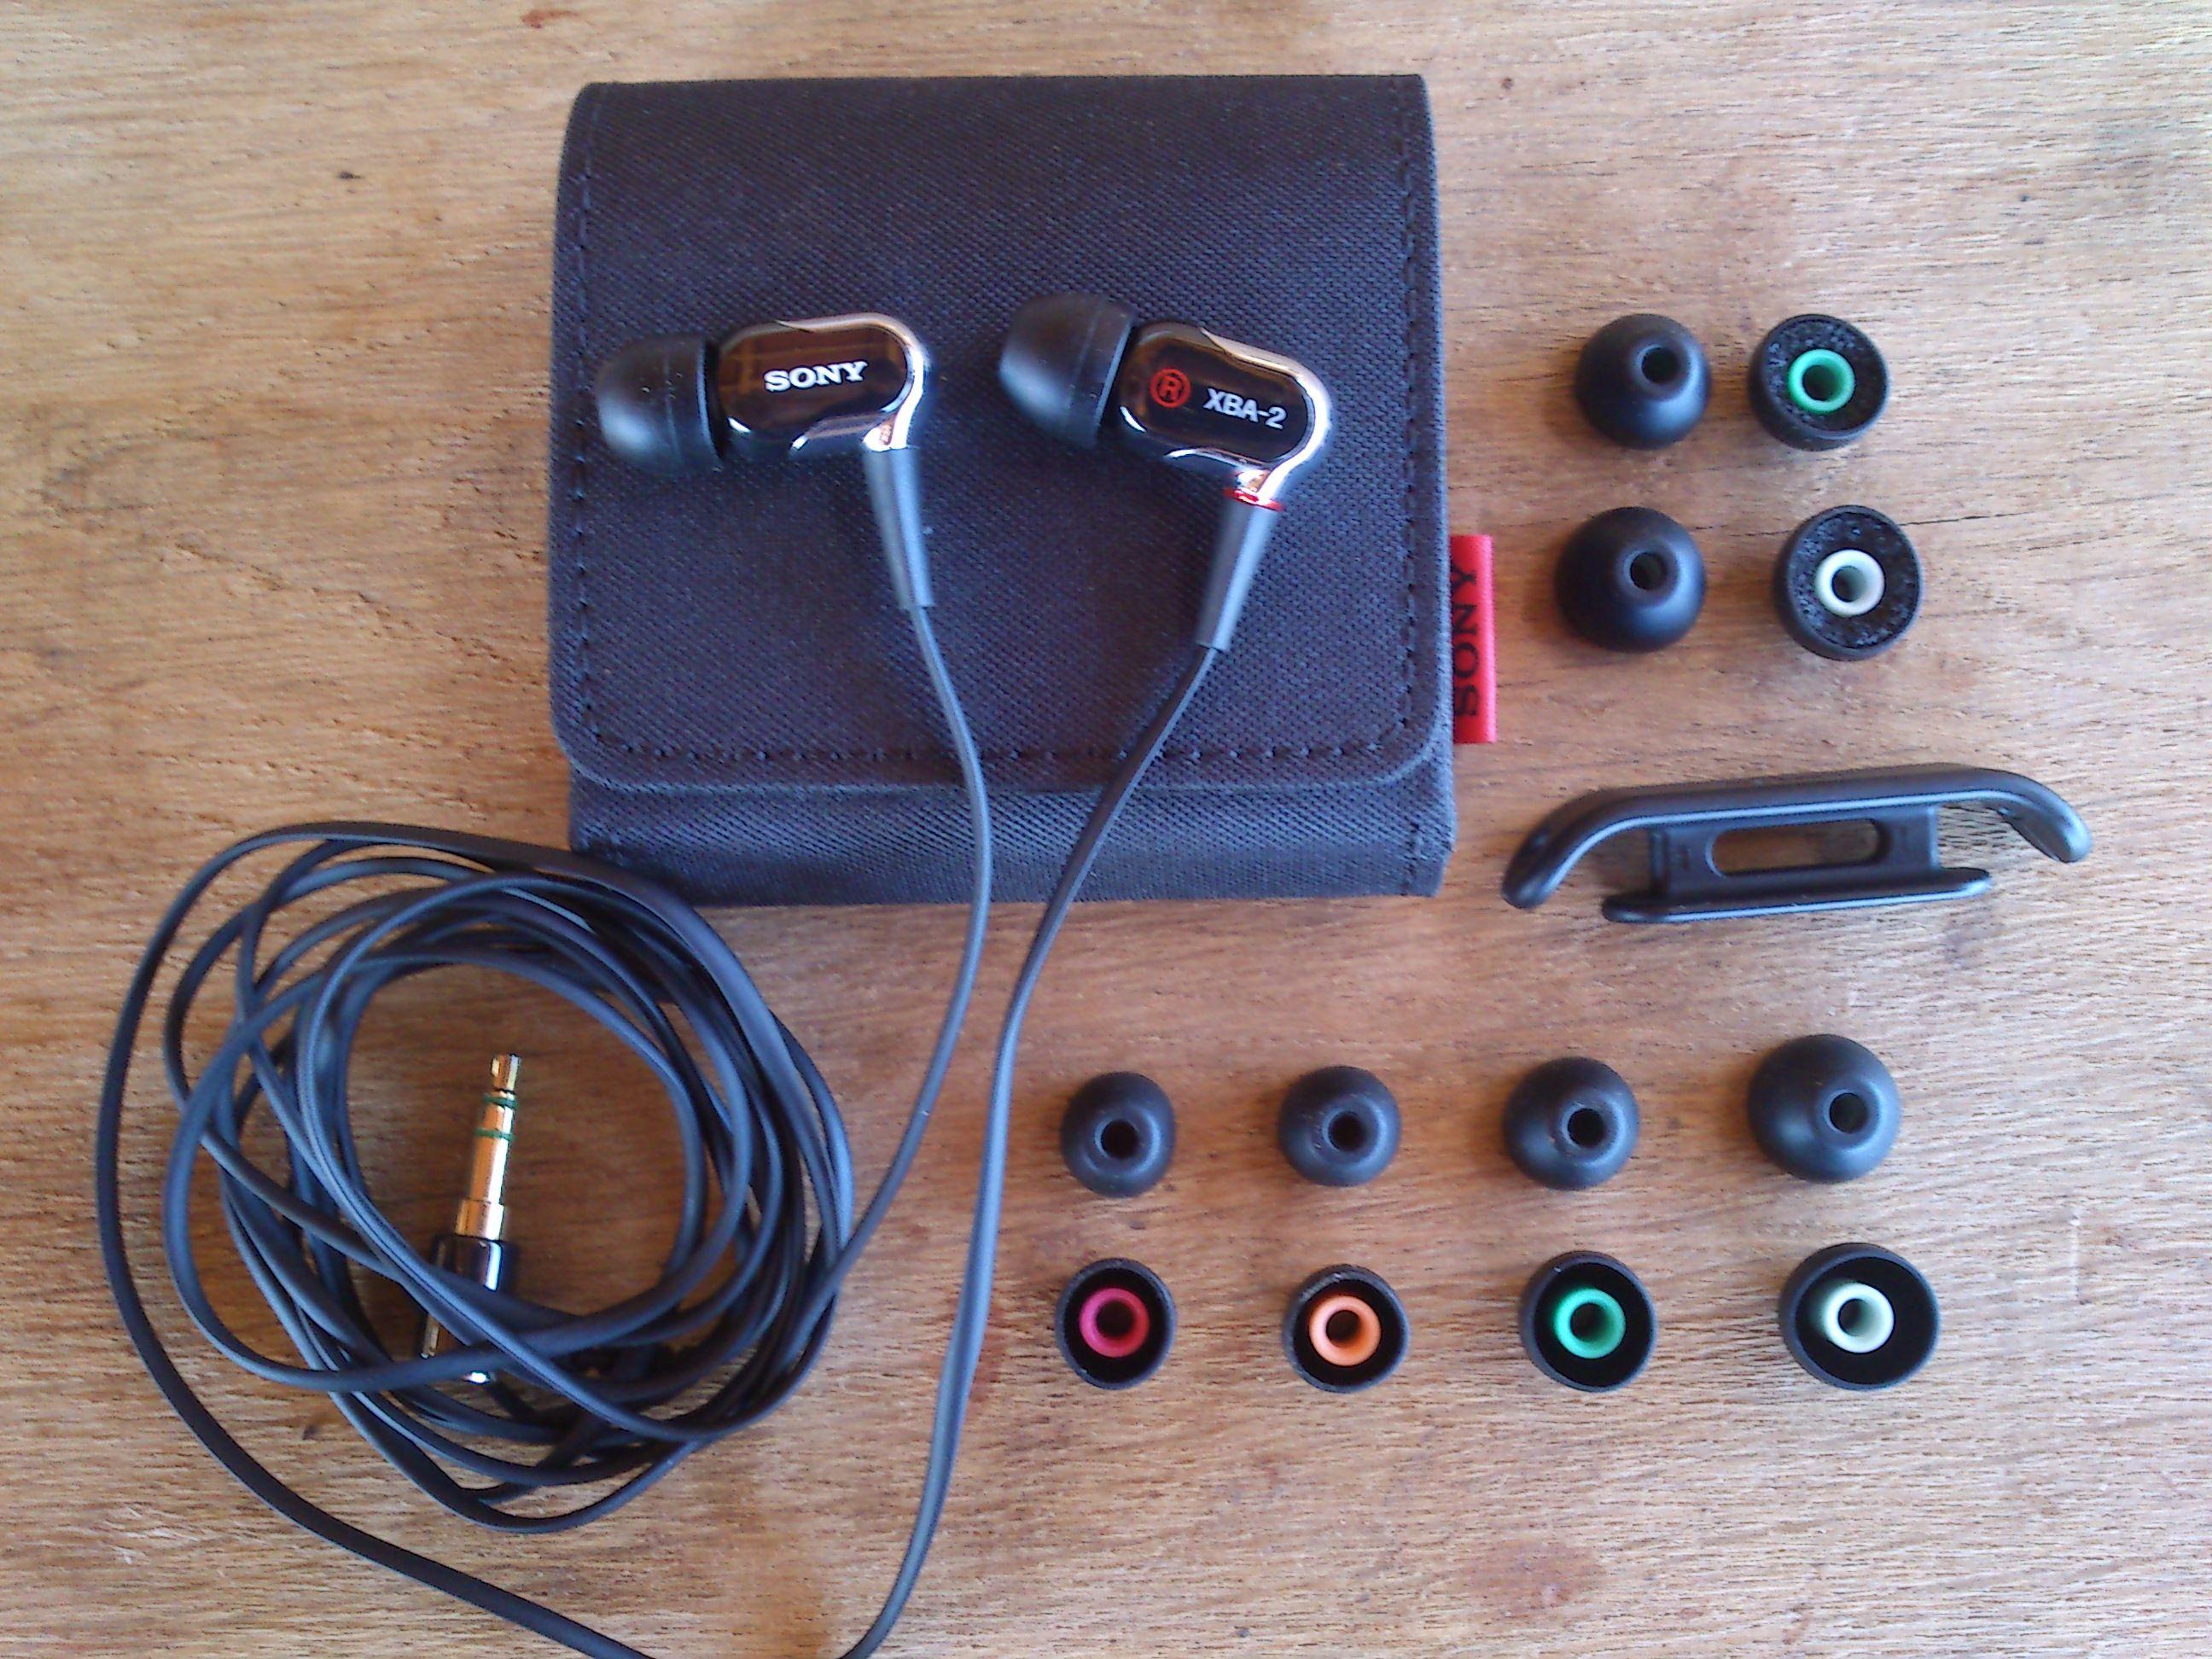 Sony Xba 2 Sony Electronic Products Digital